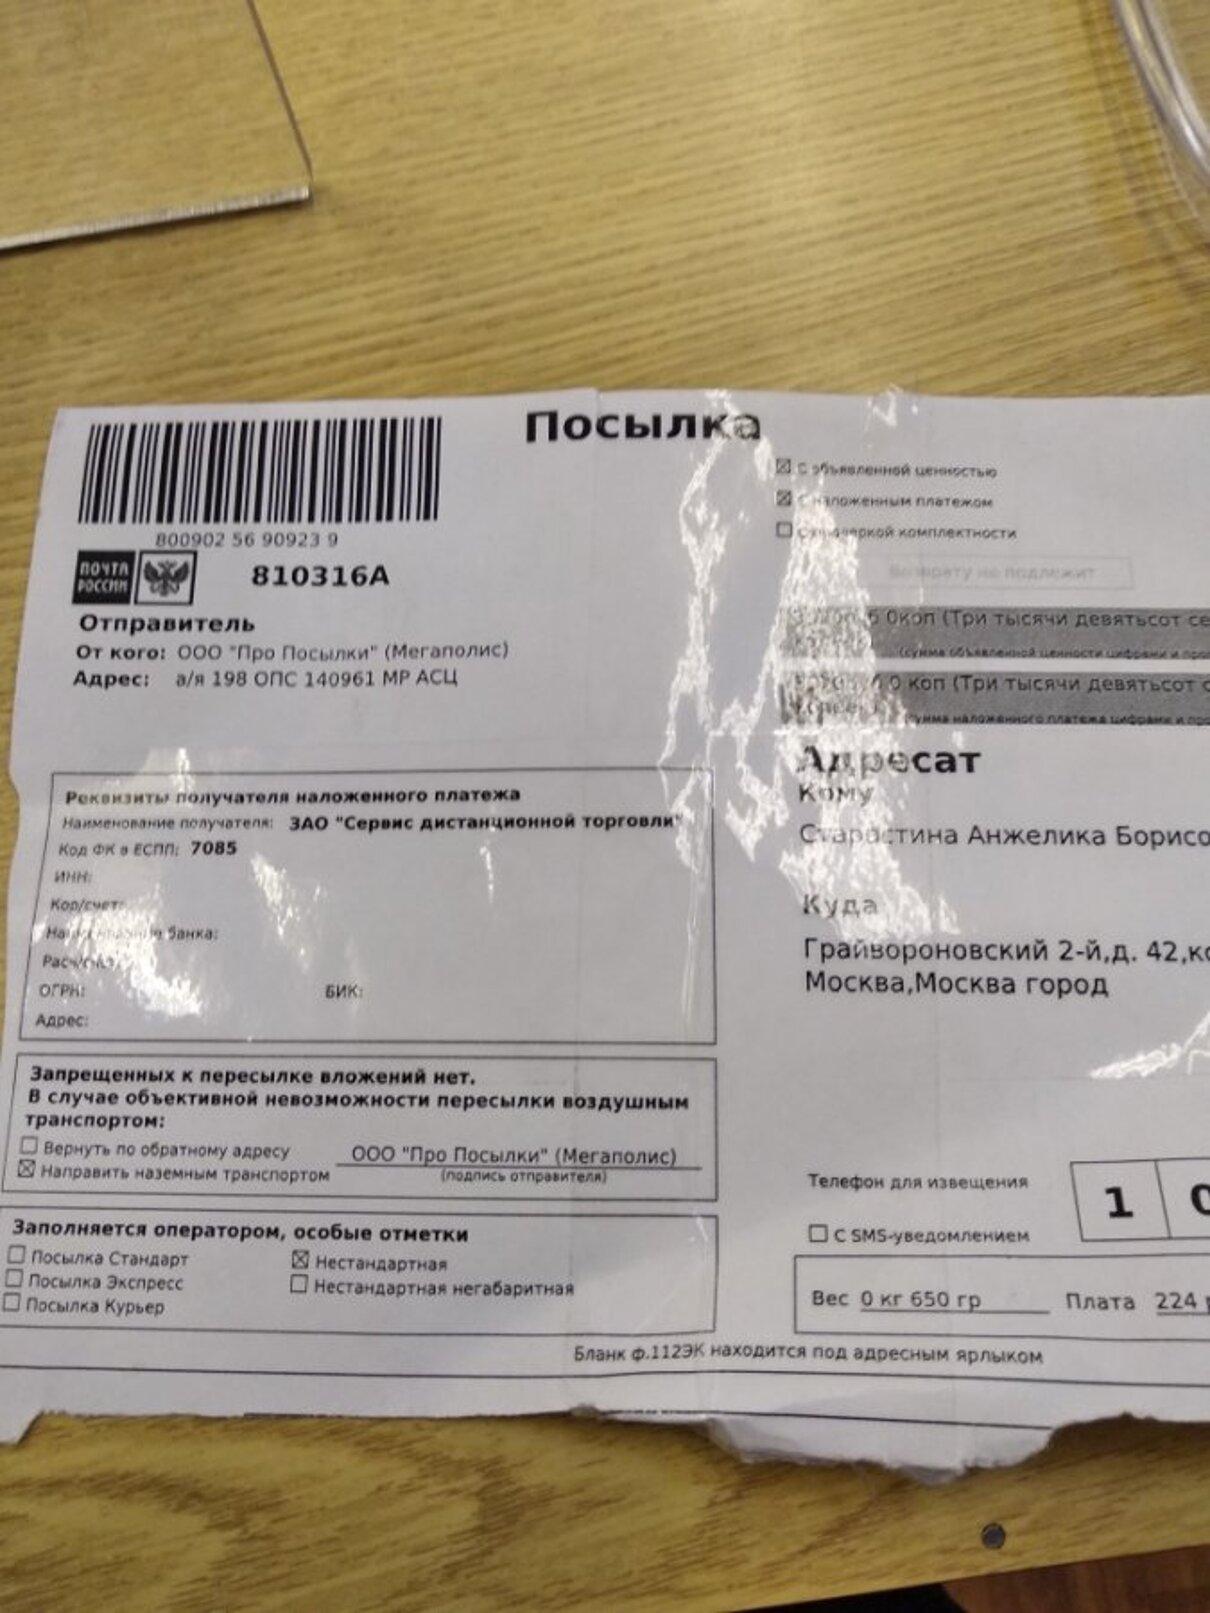 Жалоба-отзыв: ЗАО Сервис дистанционной торговли - Пустая посылка.  Фото №2